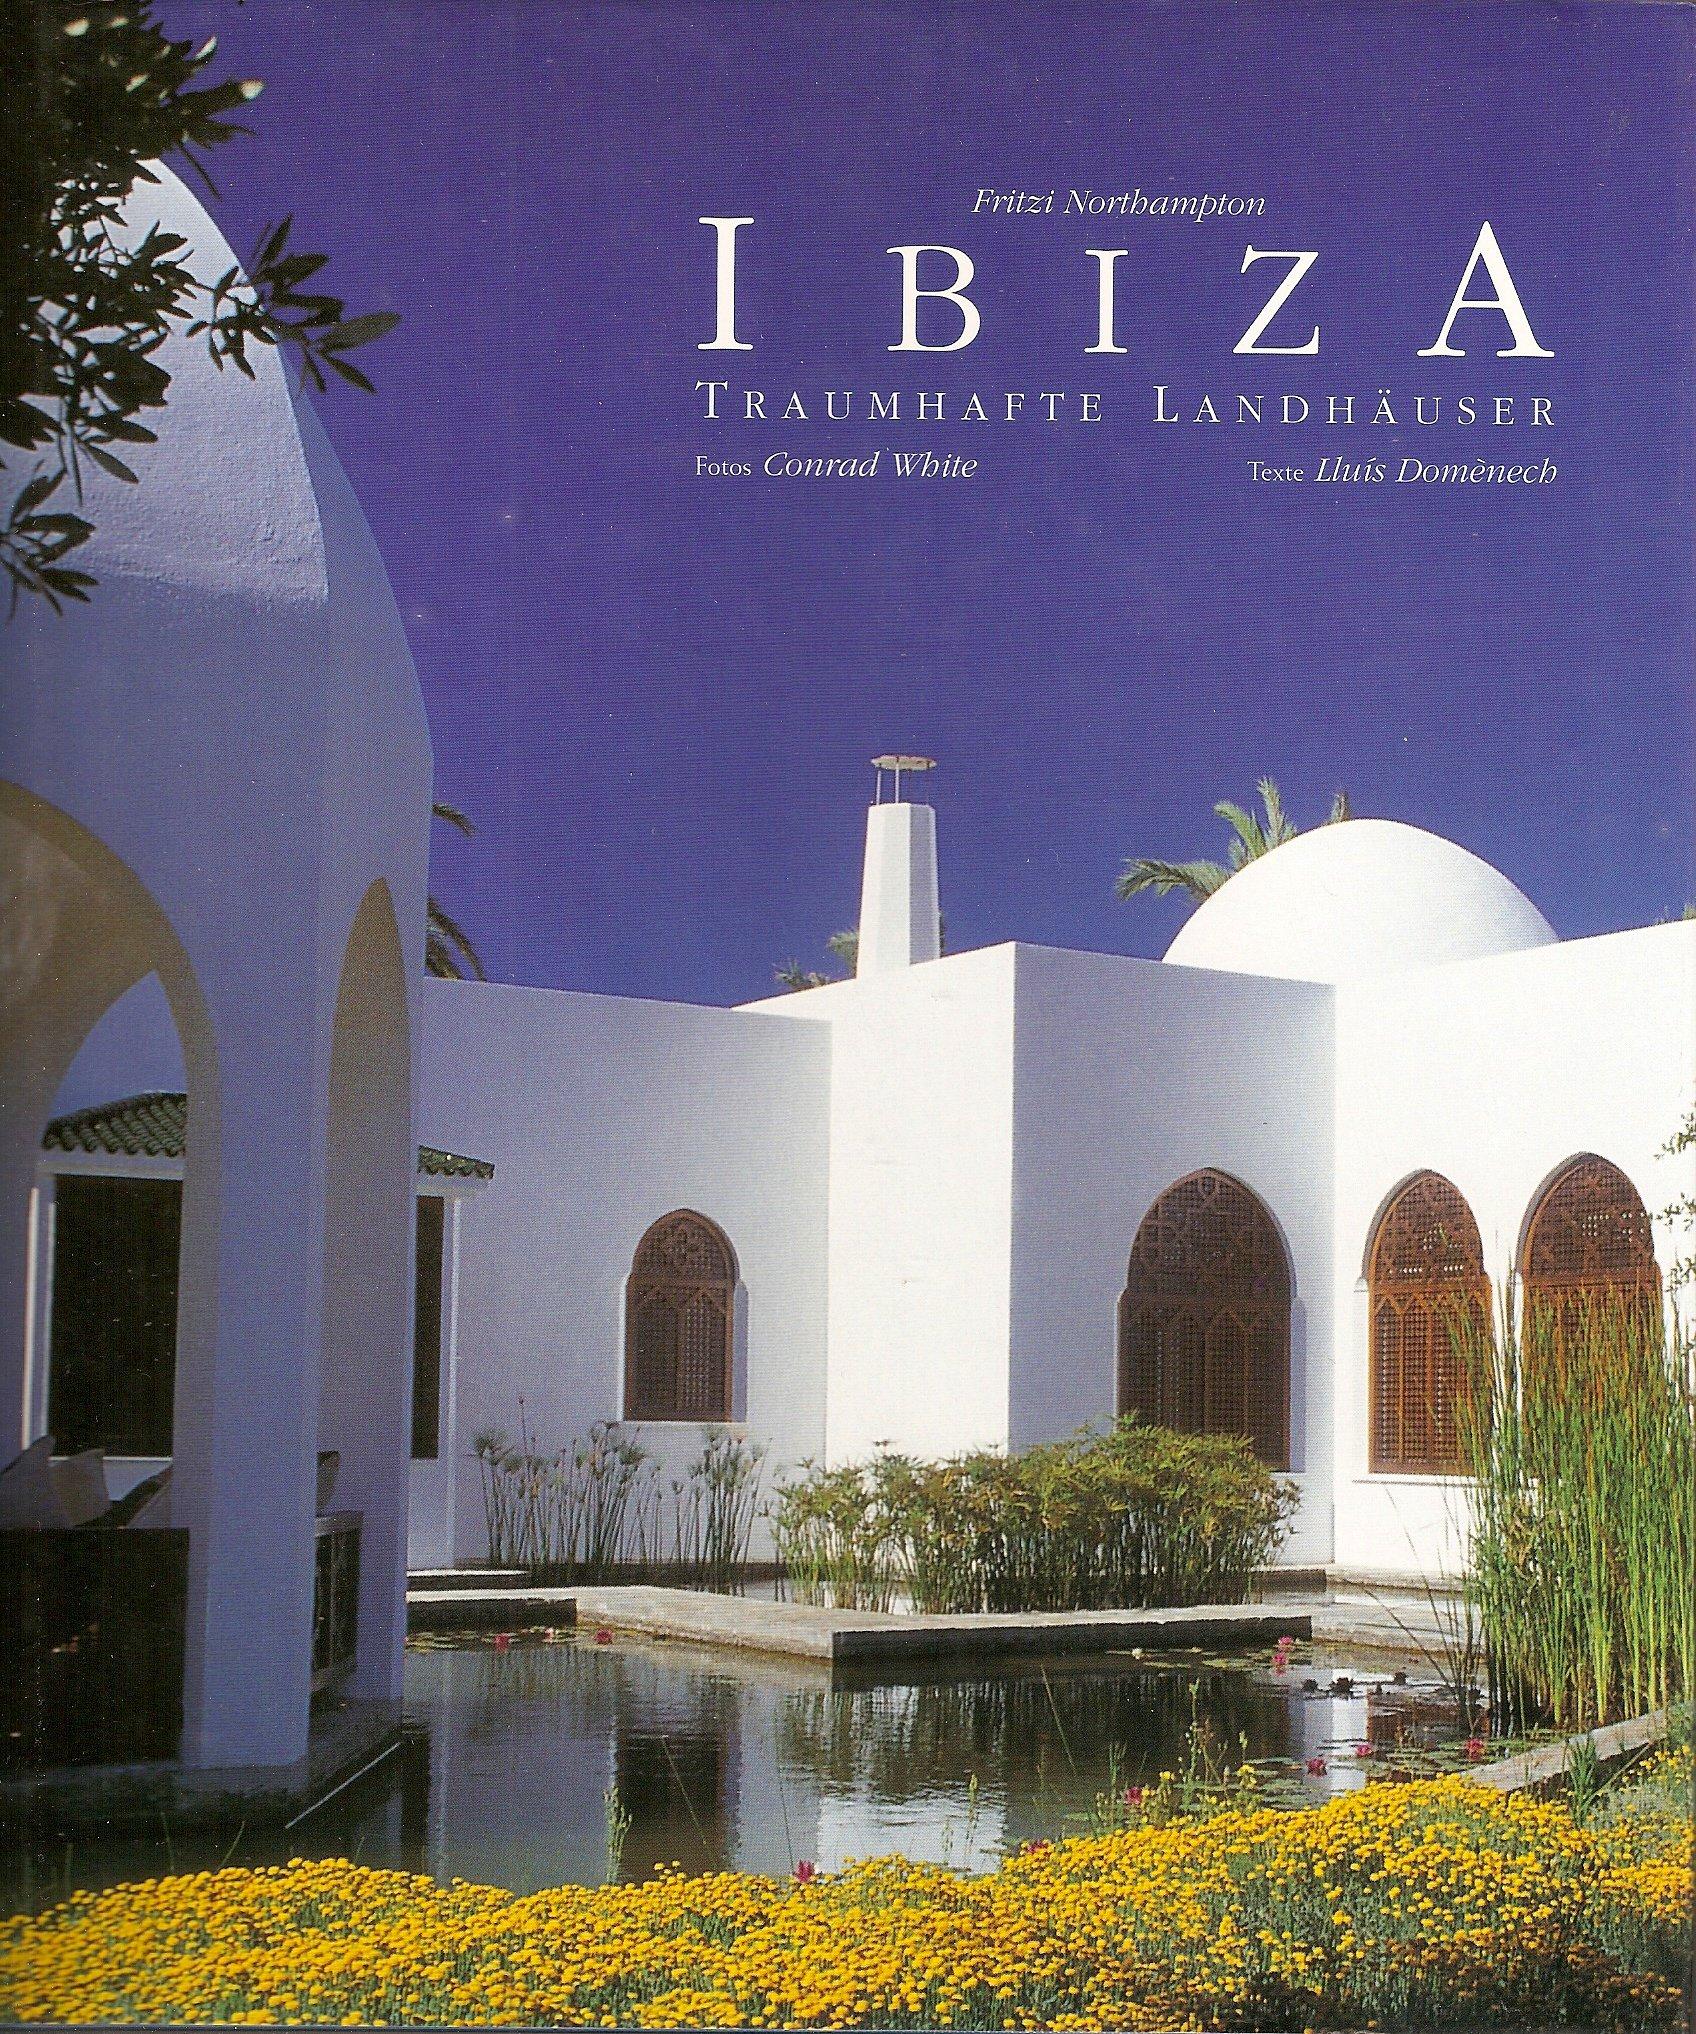 Ibiza, Traumhafte Landhäuser